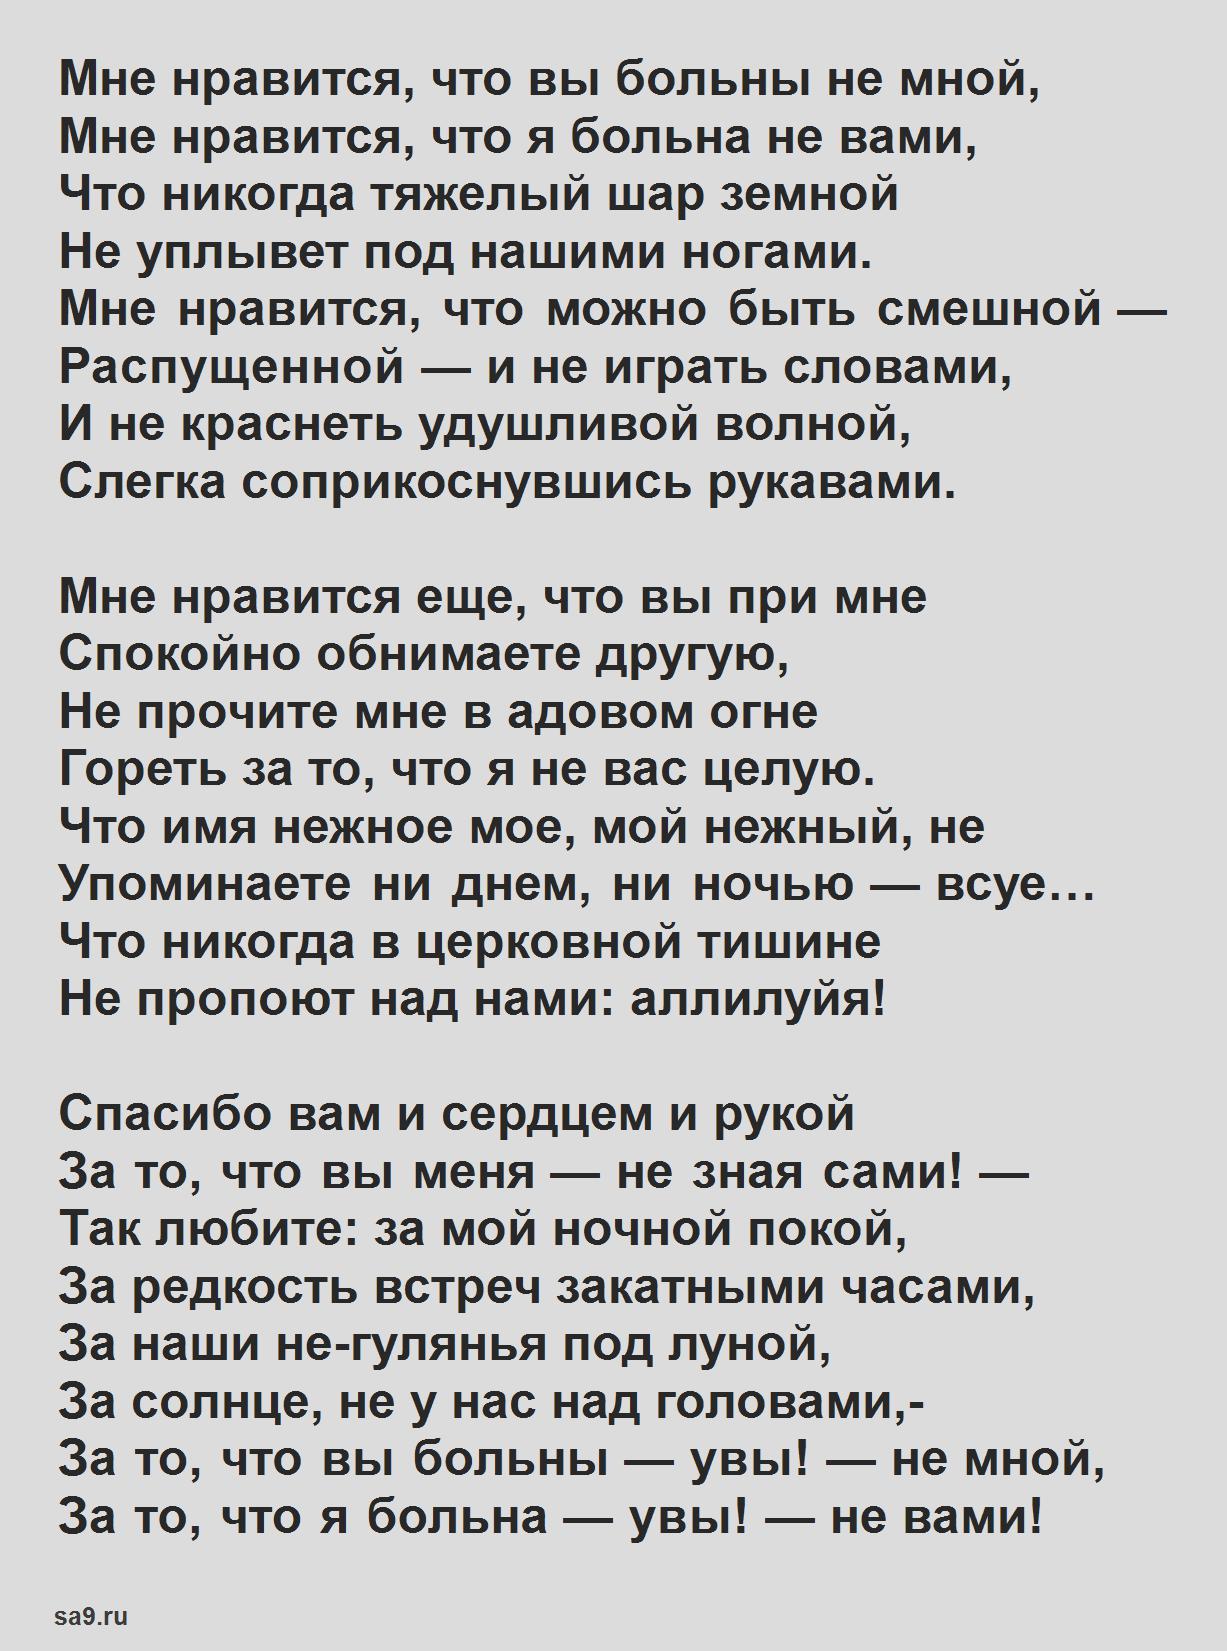 Красивые стихи Цветаевой о любви - Мне нравится что вы больны не мной